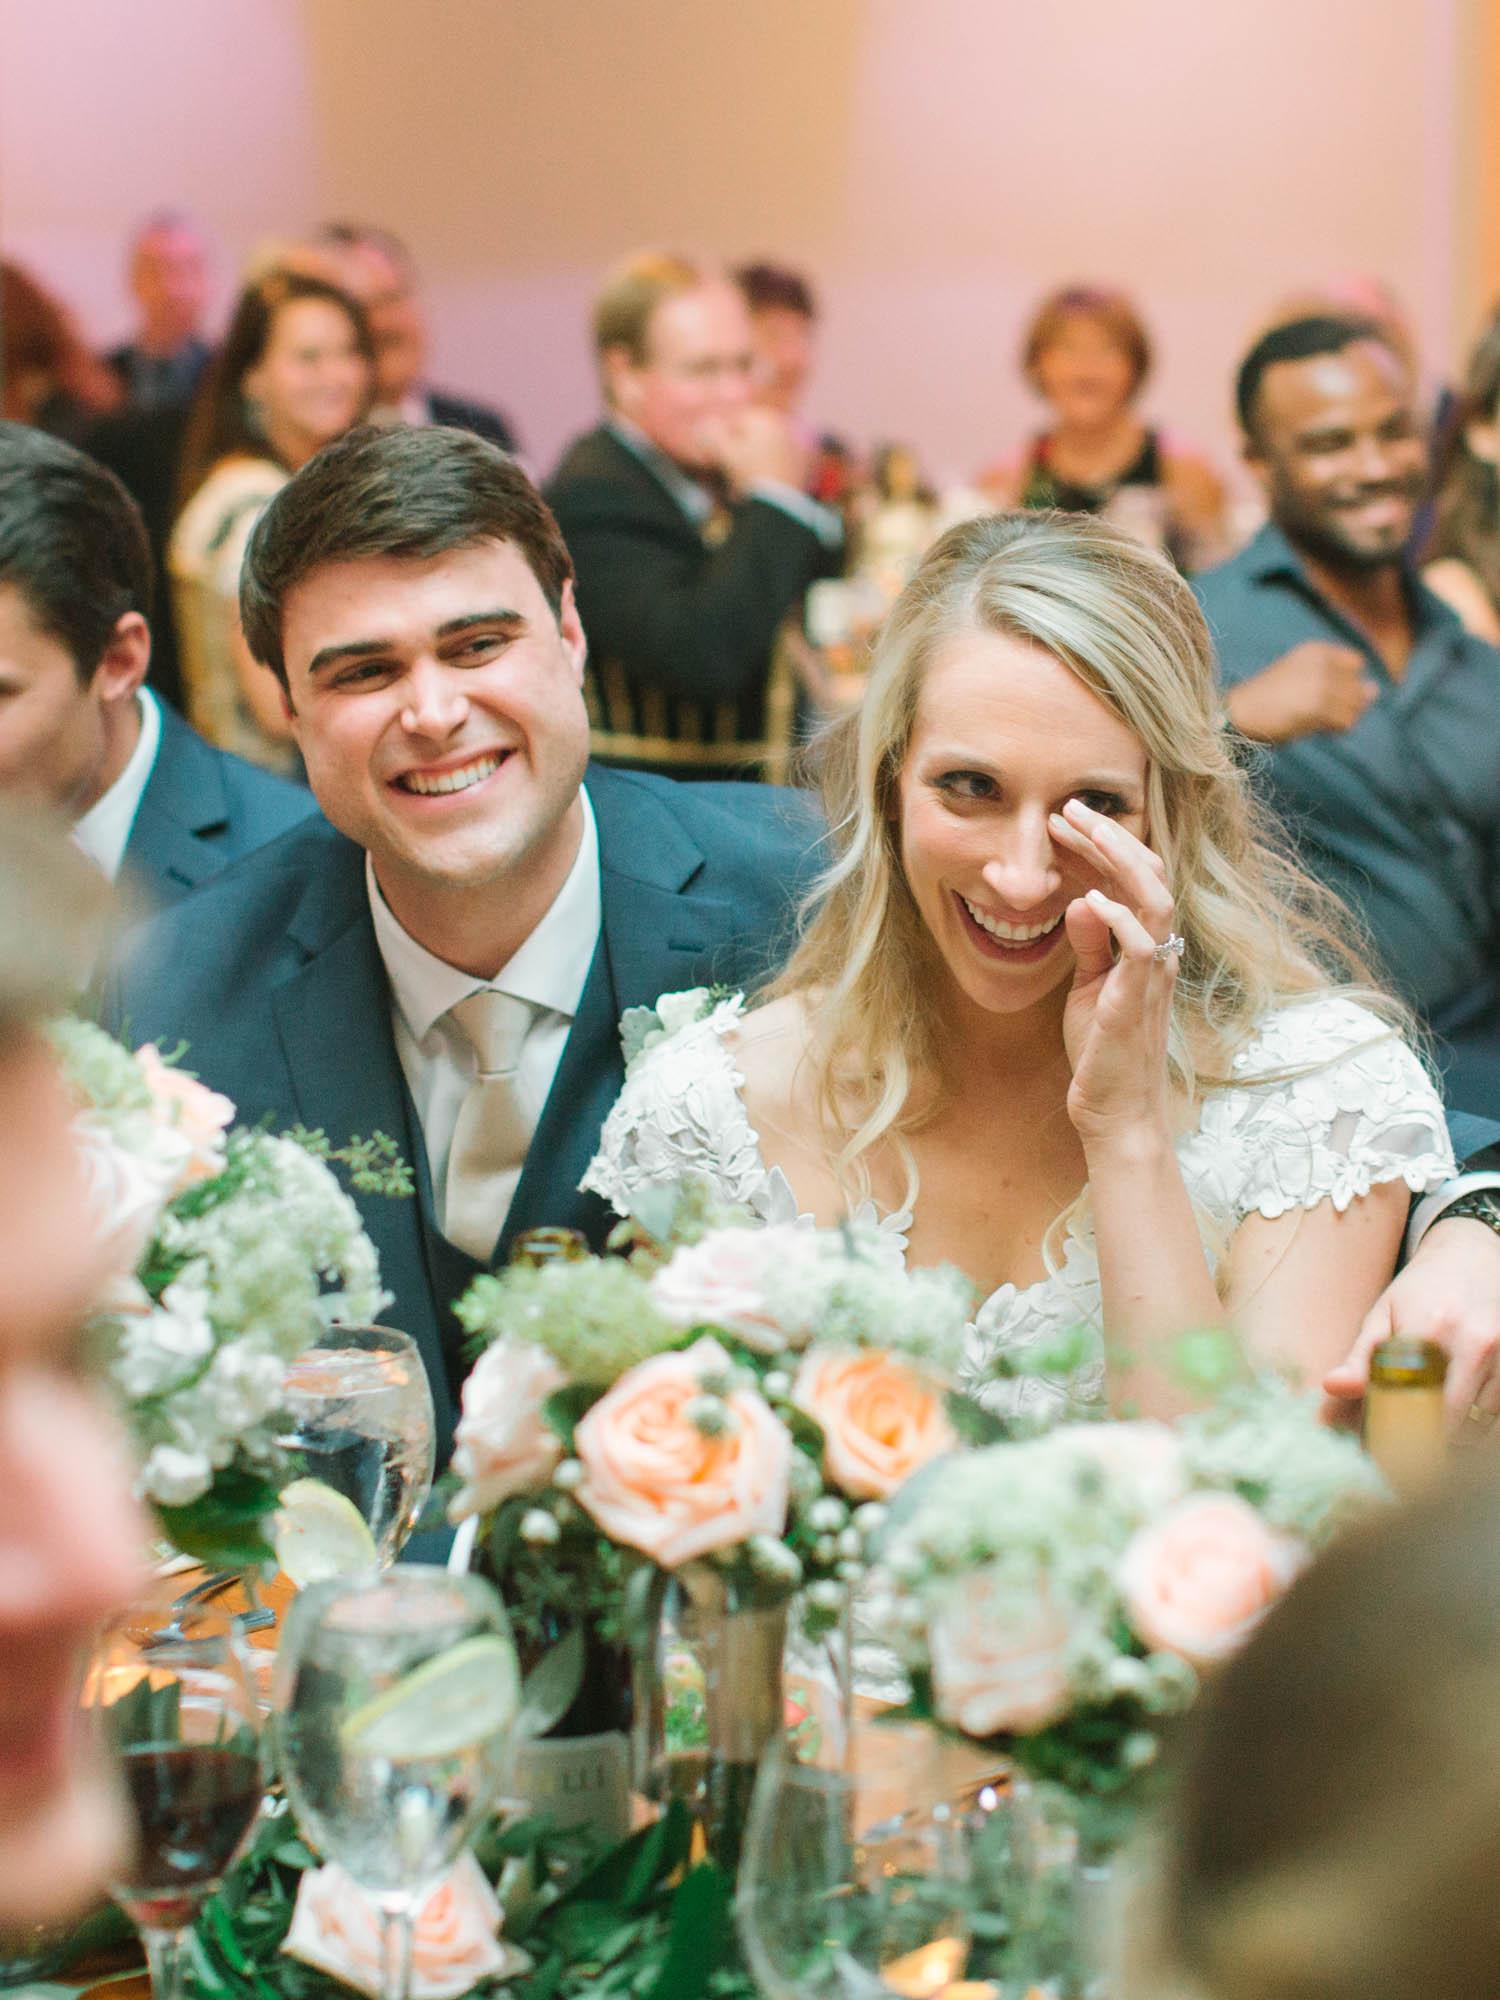 kateweinsteinphoto_kimpton_milwaukee_the_atrium_wedding-231.jpg